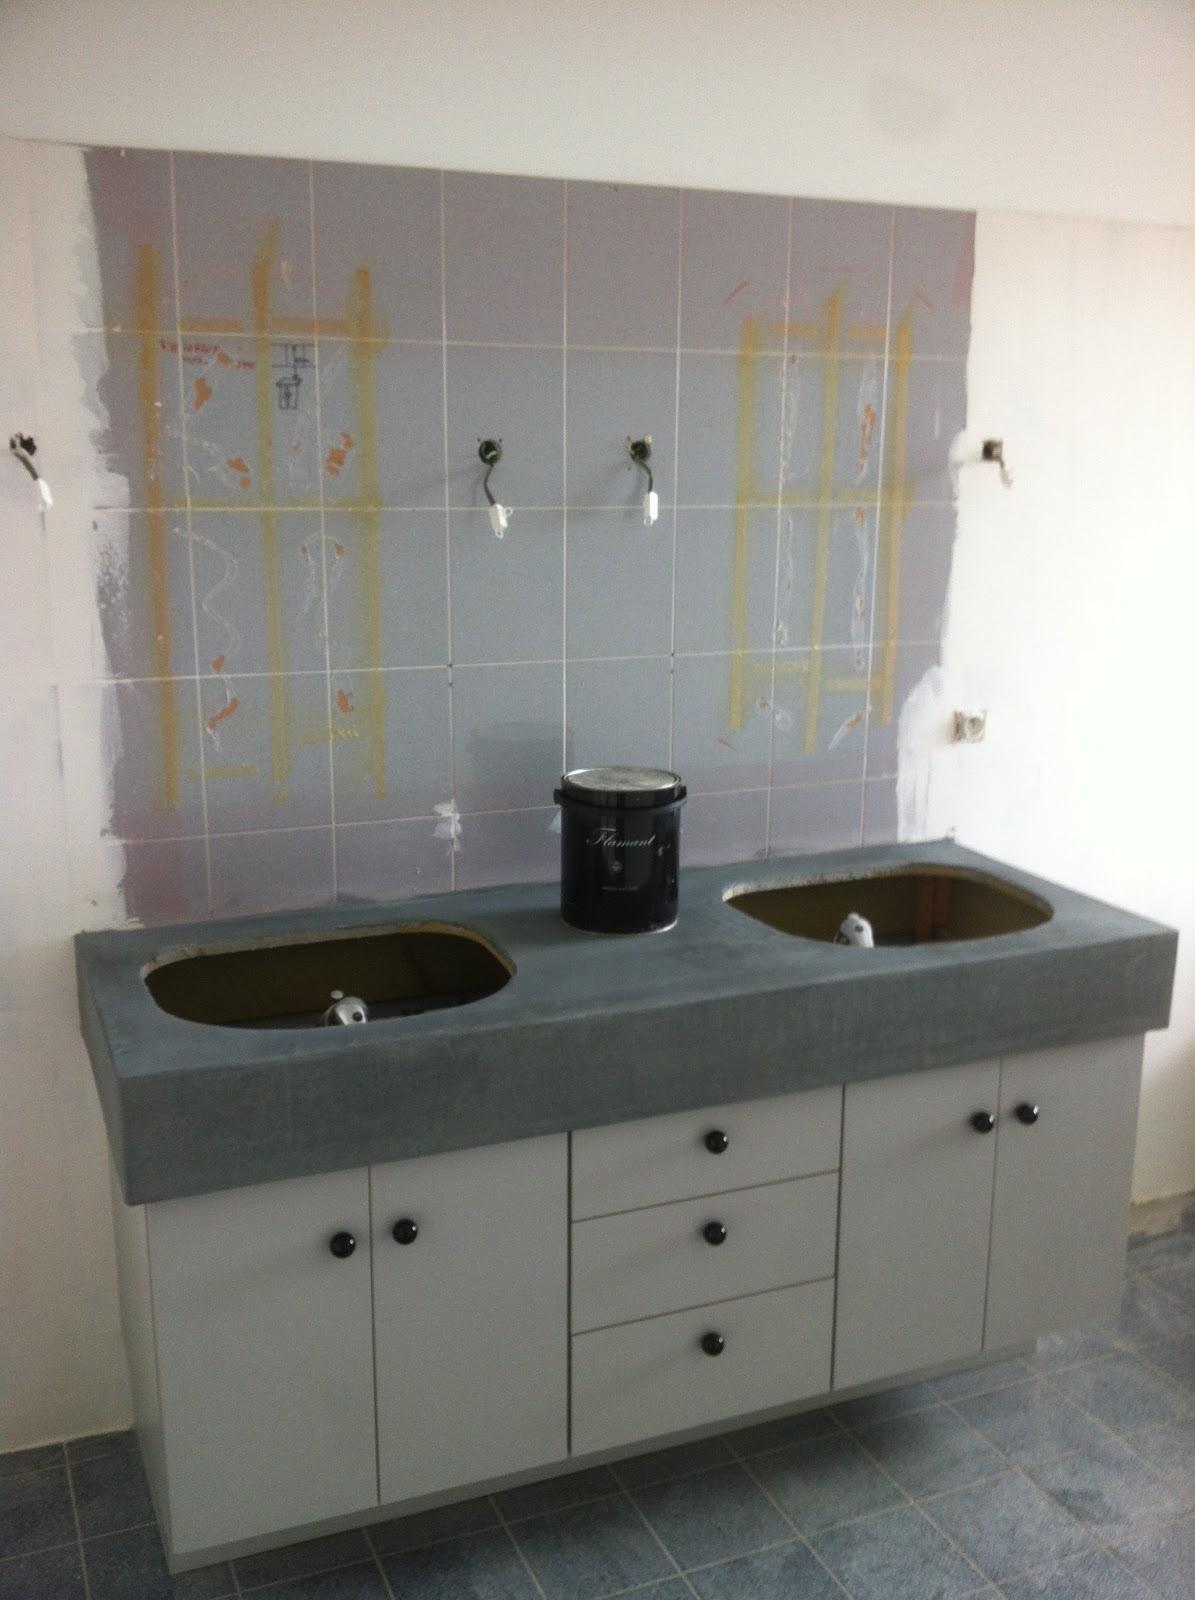 architecture d 39 int rieur salle de bain ann es 70. Black Bedroom Furniture Sets. Home Design Ideas